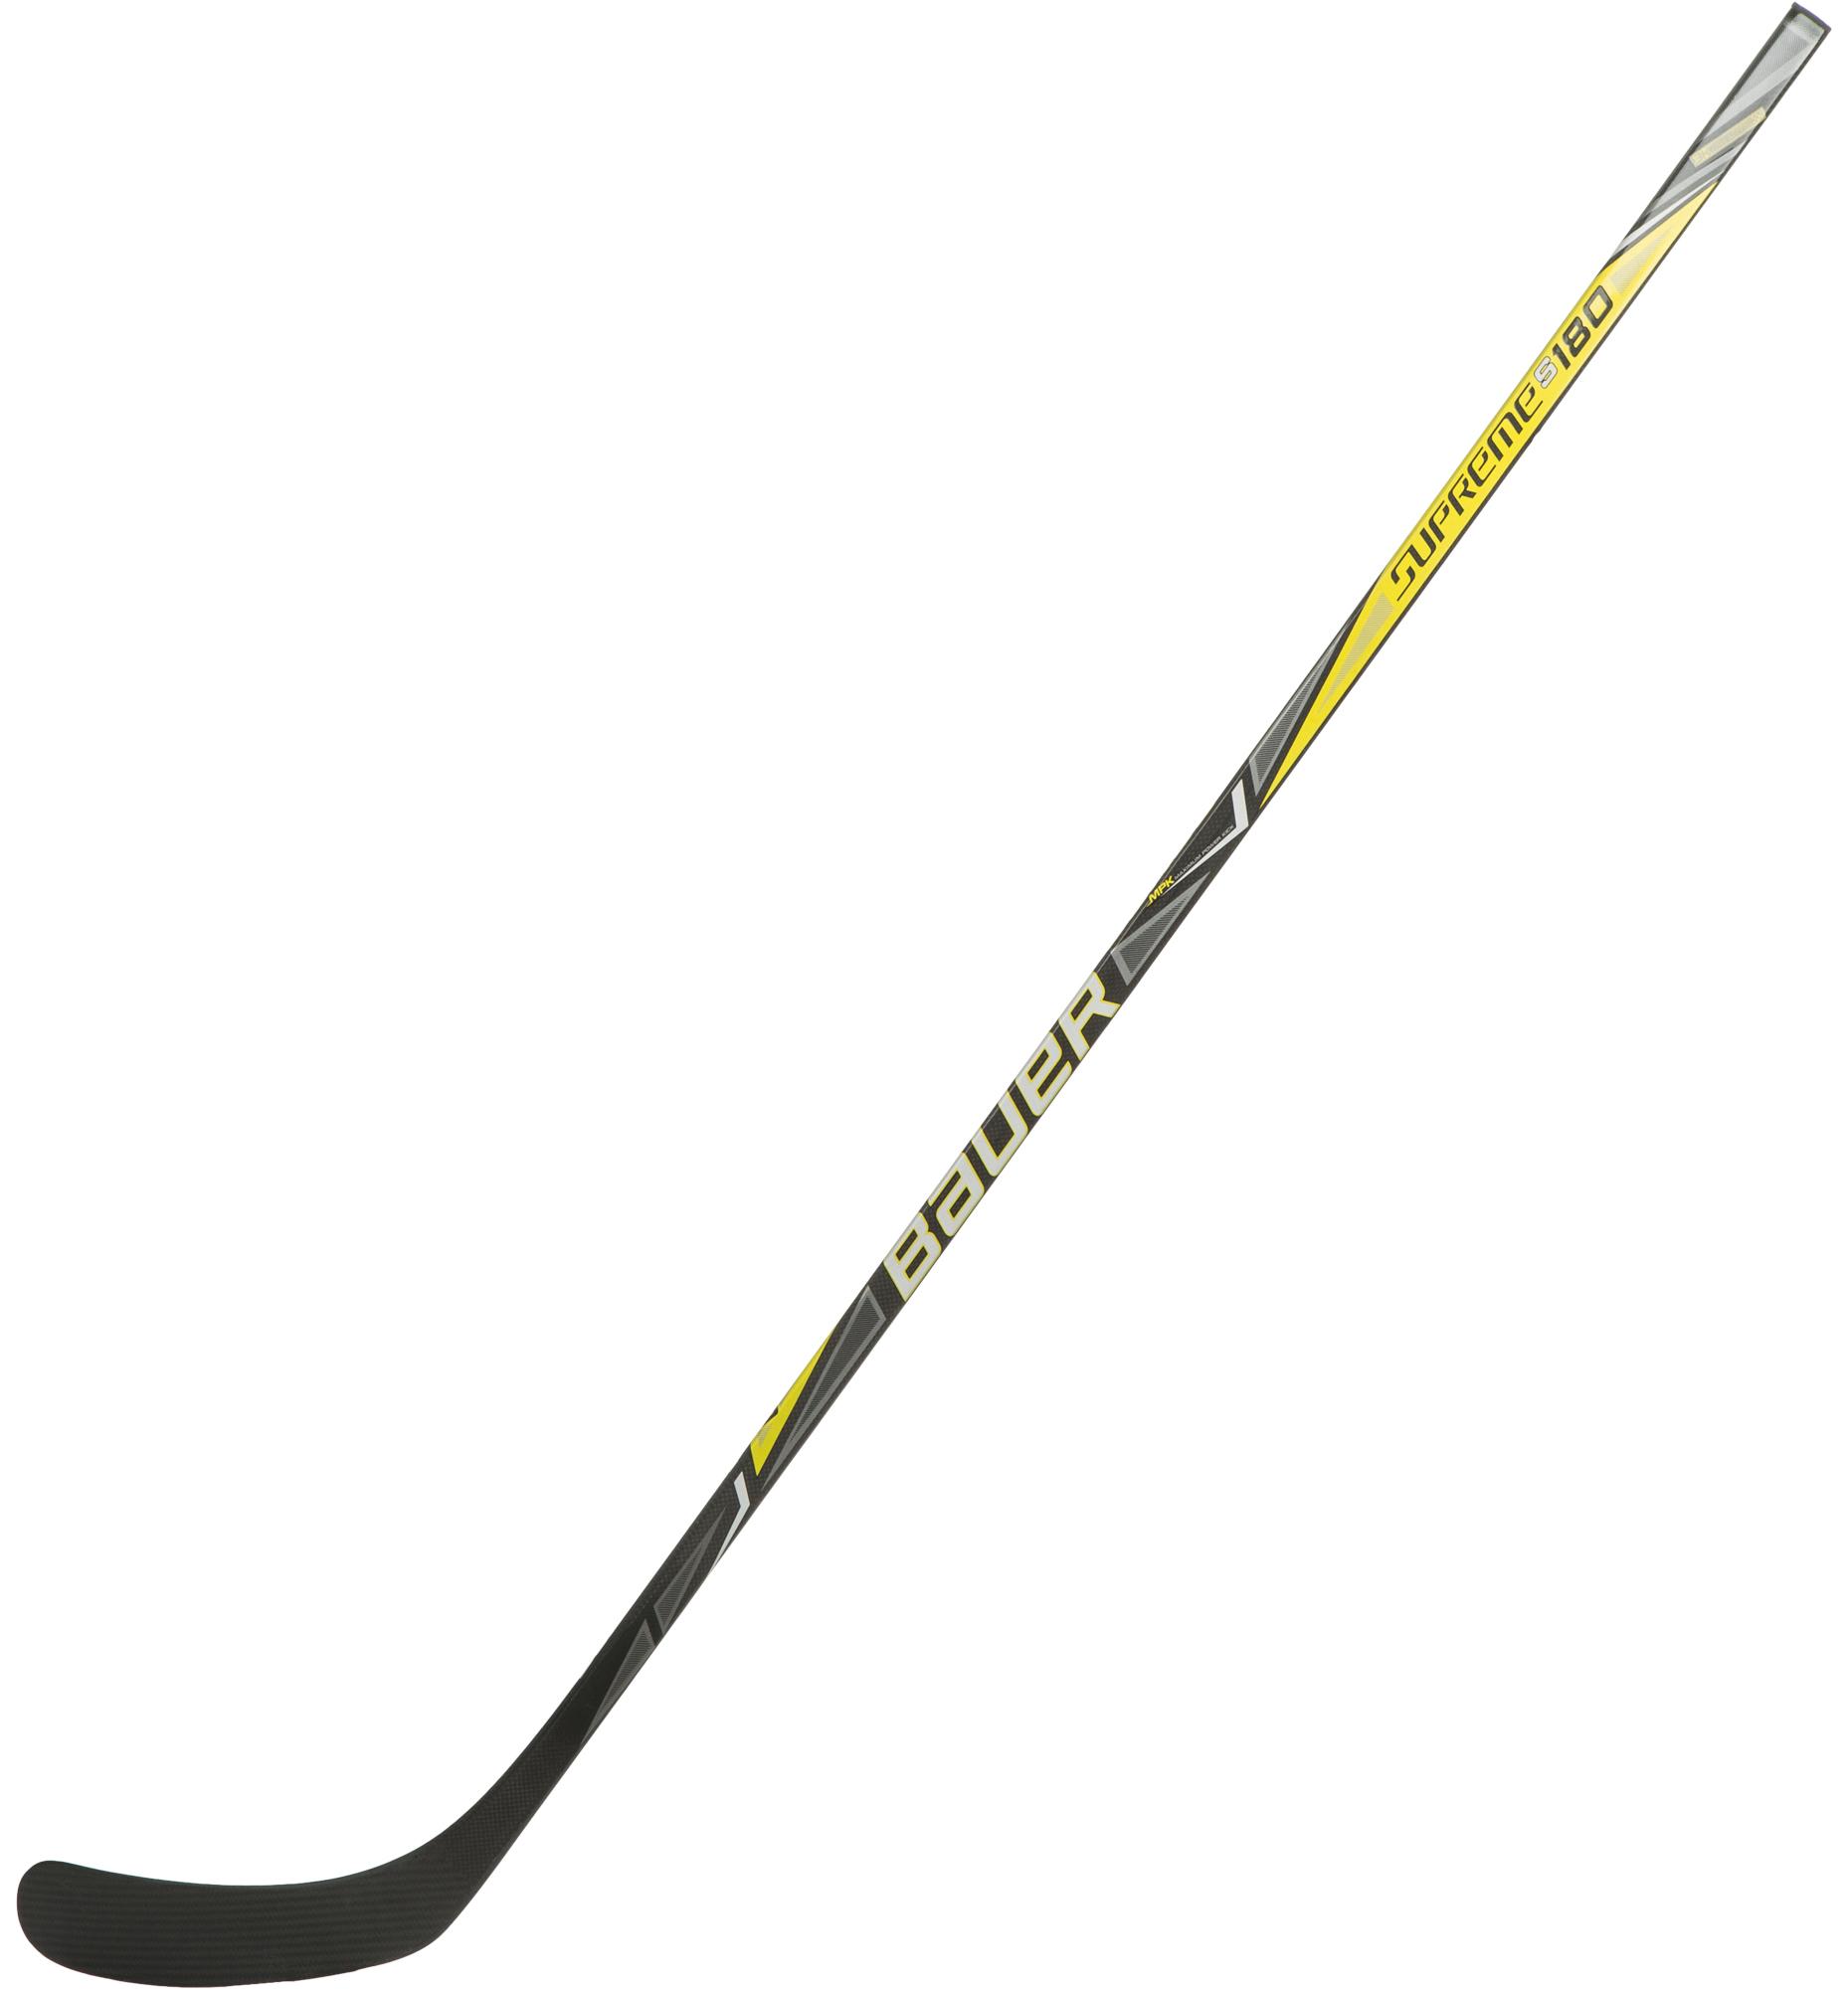 все цены на Bauer Клюшка хоккейная детская Bauer S17 Supreme S 180 онлайн